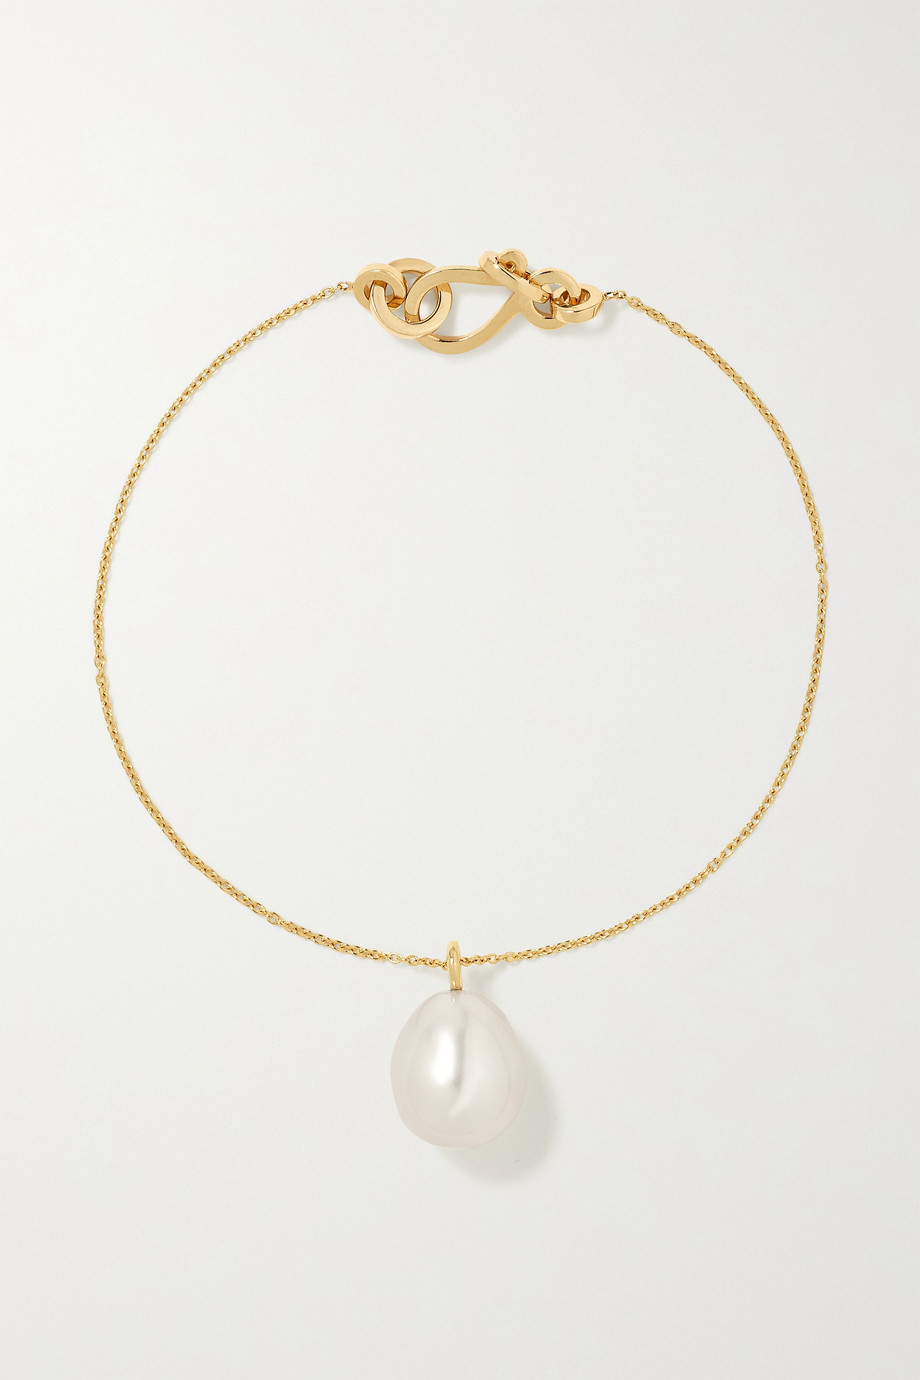 Sophie Bille Brahe Bracelet en or 14 carats (585/1000) et perle L'Eau